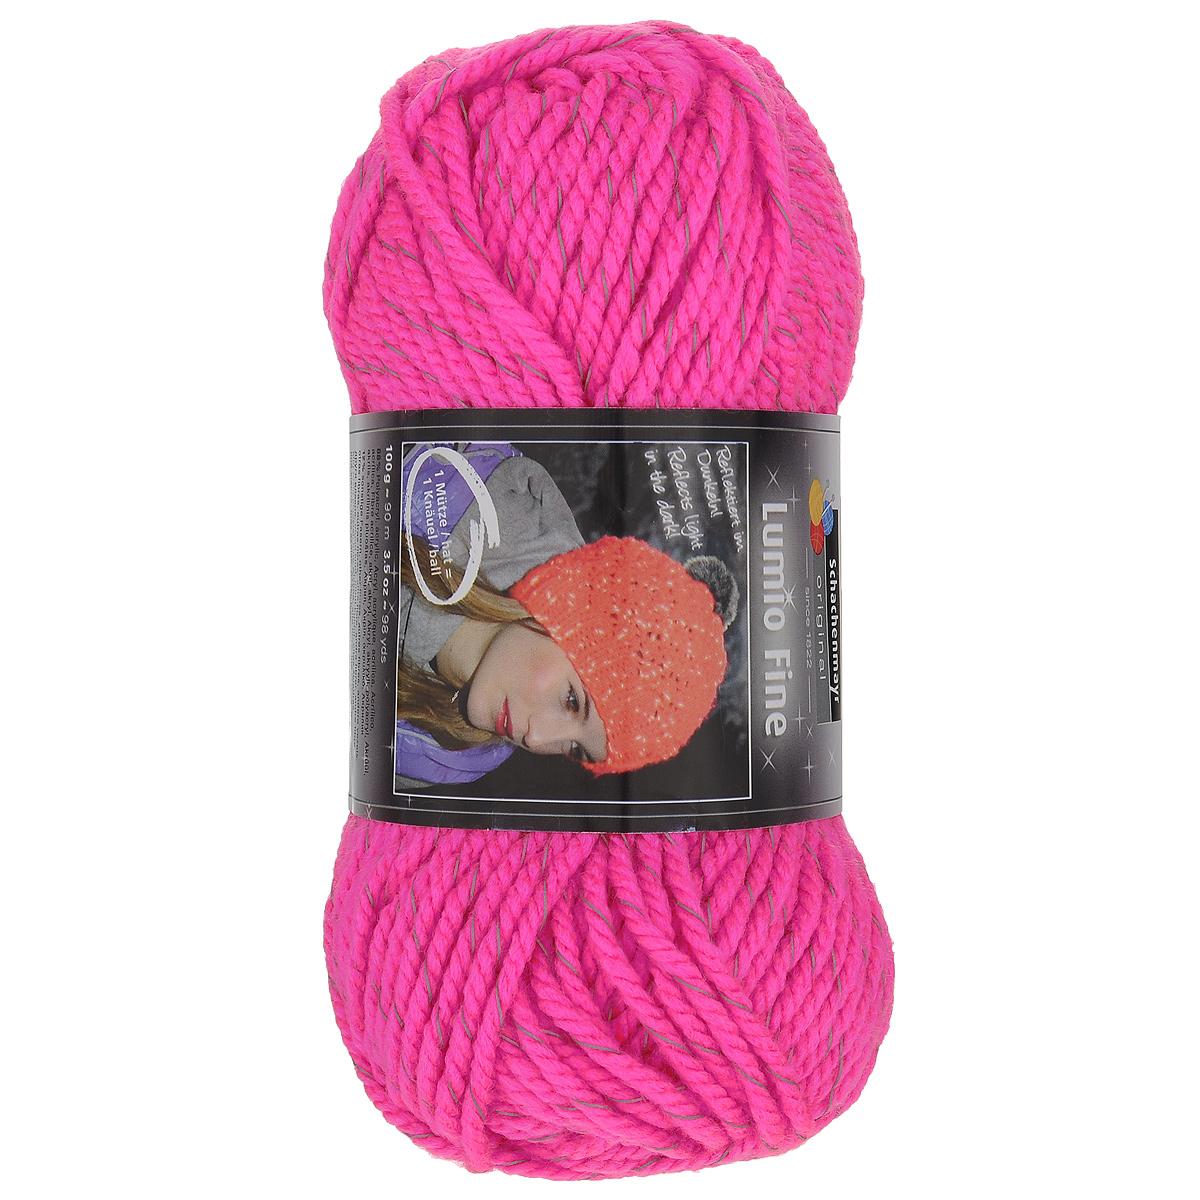 Пряжа для вязания Schachenmayr Original Lumio Fine, цвет: неоновый розовый (00135), 90 м, 100 г. 9807557-001359807557-00135Пряжа для вязания Schachenmayr Original Lumio Fine - это более тонкая и легкая версия пряжи Lumio, изготовленная из 88% полиакрила и 12% других волокон. Пряжа содержит светоотражающие нити, созданные из тонкого материала, покрытого стеклянными шариками нано размера с помощью полиуретанового клея. Благодаря этим нитям готовые изделия отражают любой свет и сияют в темноте. Этот эффект сохраняется даже после стирки. Данная особенность пряжи очень актуальна для детской одежды. С такой пряжей для ручного вязания вы сможете связать своими руками необычные и красивые вещи. Рекомендованы спицы и крючок №7-8. Комплектация: 1 моток. Толщина нити: 3 мм. Состав: 88% полиакрил, 12% другие волокна. Вес мотка: 100 г. Длина нити: 90 м.